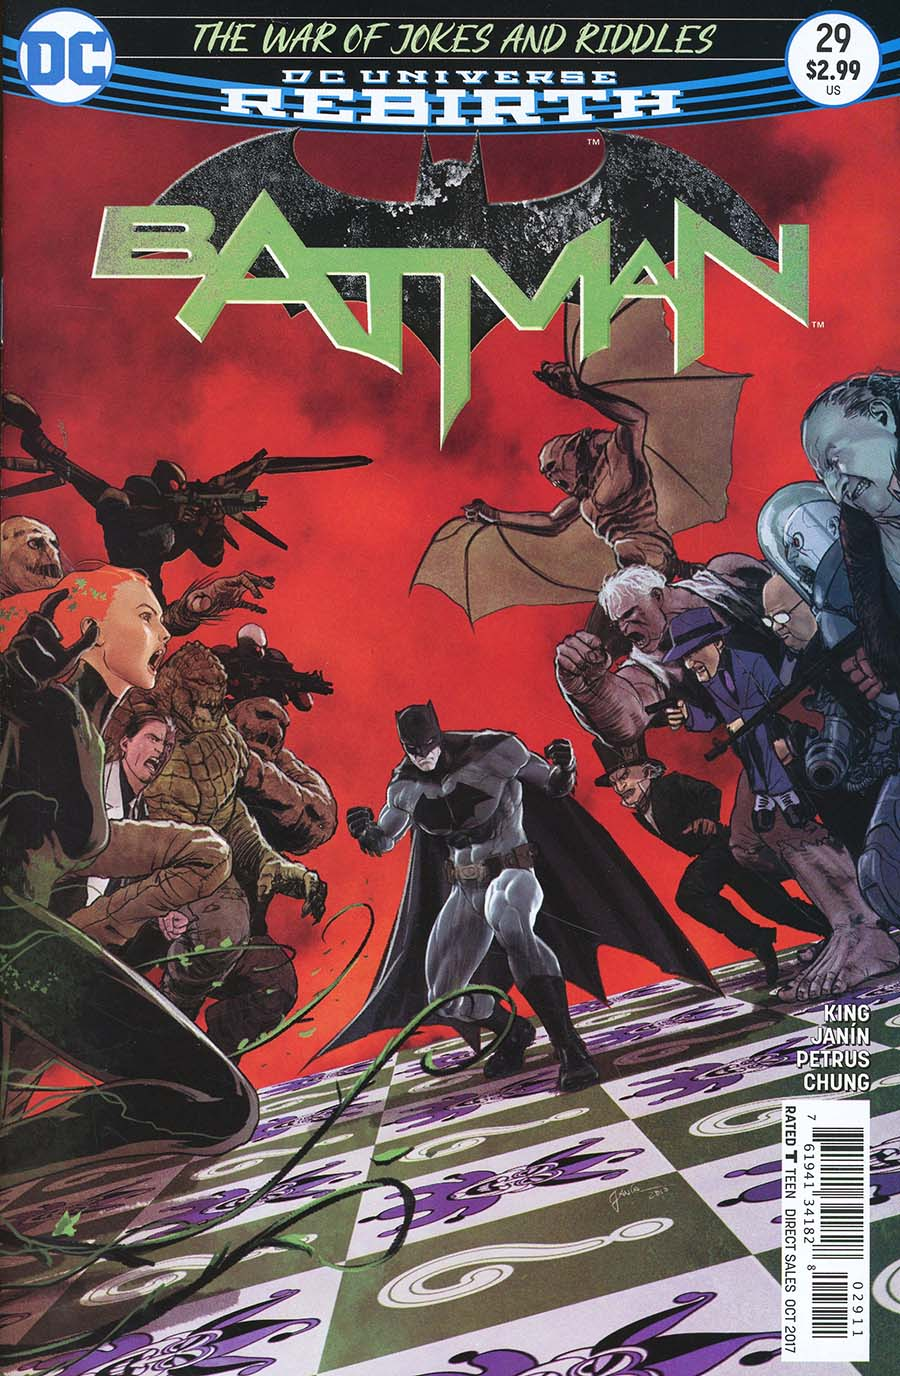 Batman 29 - The War of Jokes and Riddles 4